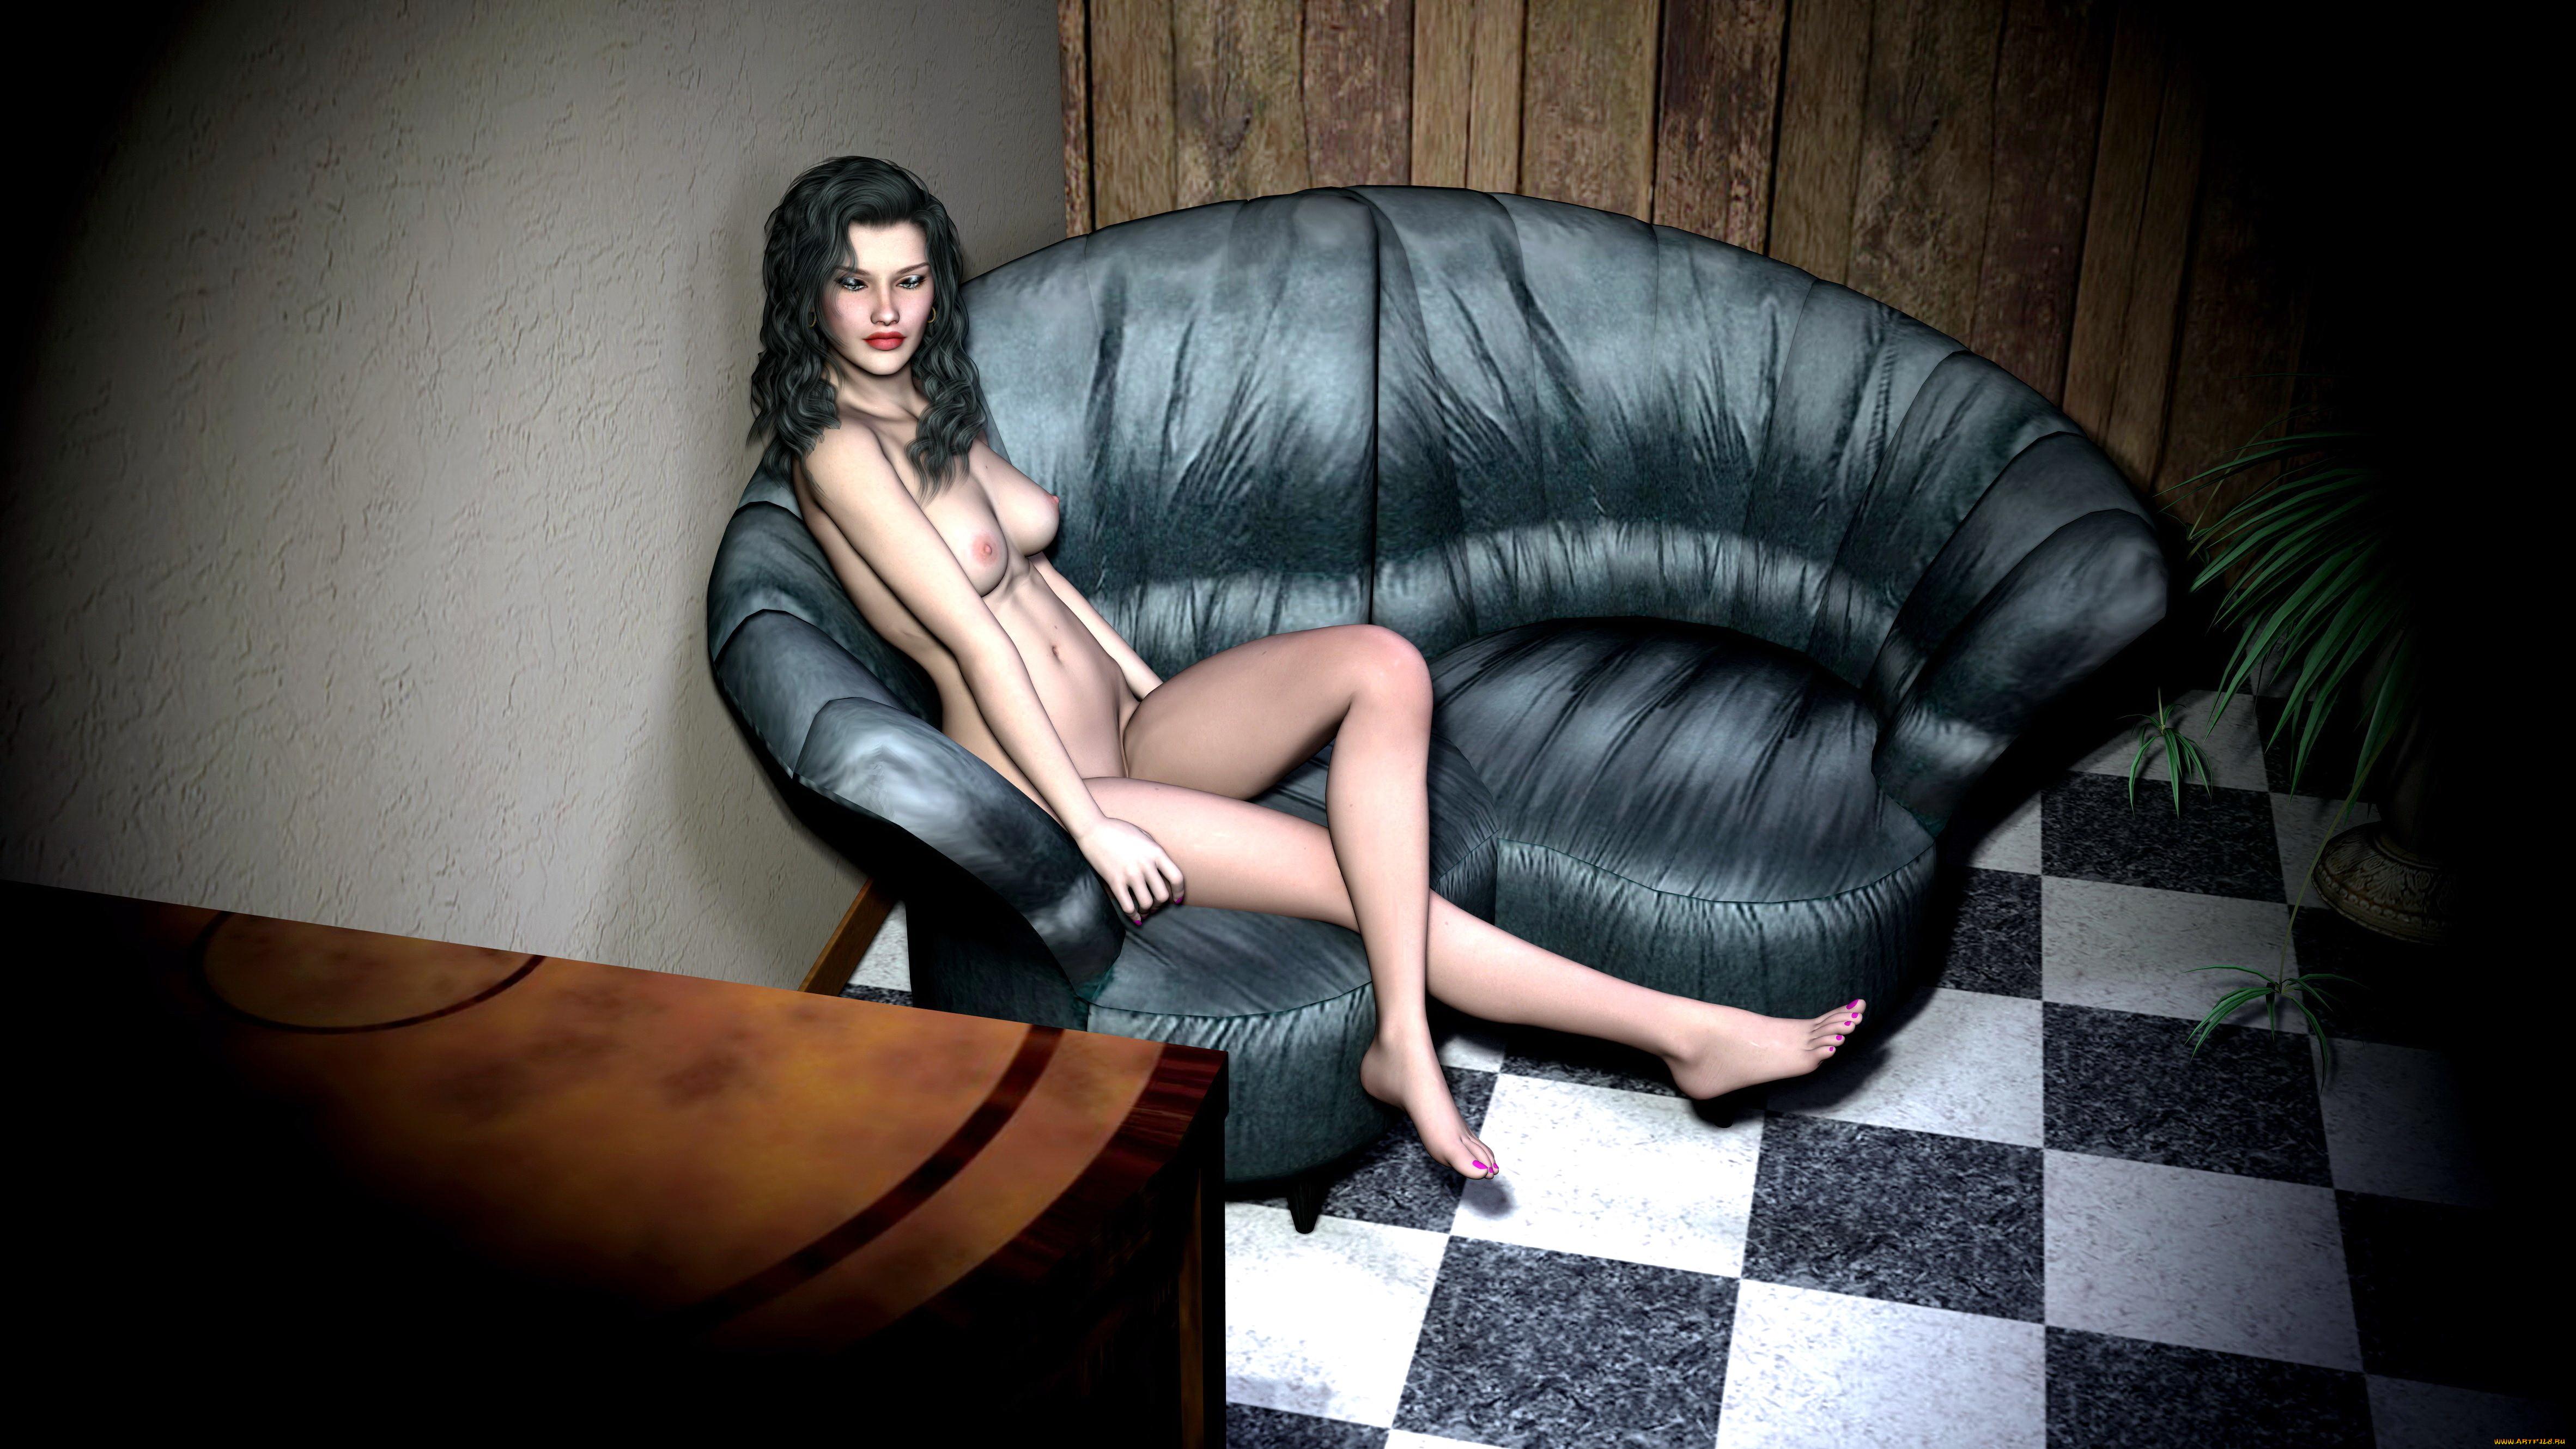 Эротический стул екатерины 2 й фото 11 фотография